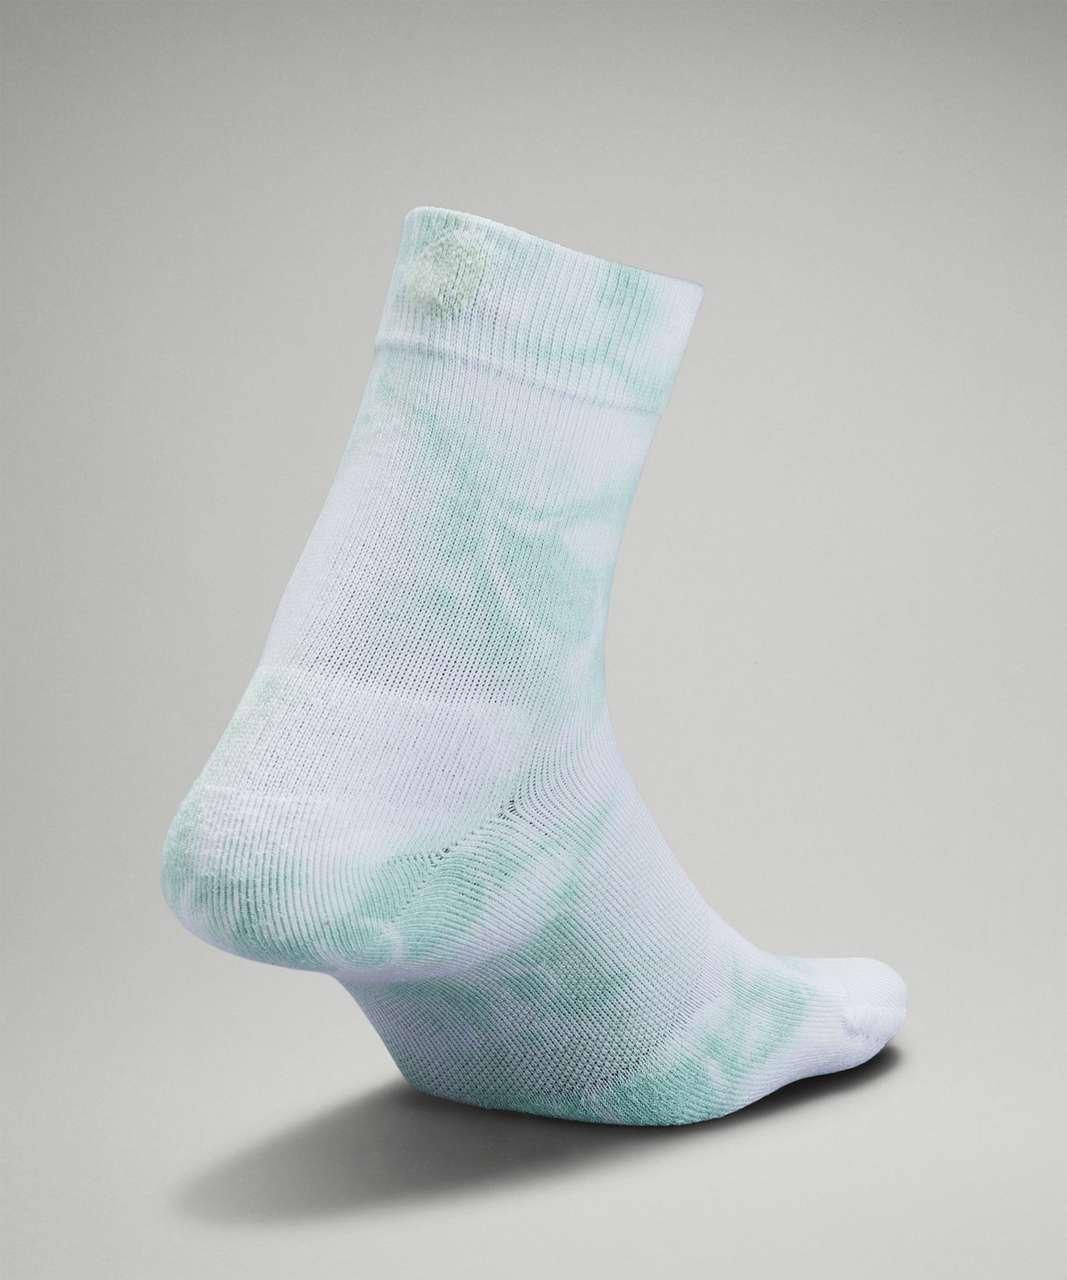 Lululemon Daily Stride Mid-Crew Tie Dye Sock - Delicate Mint